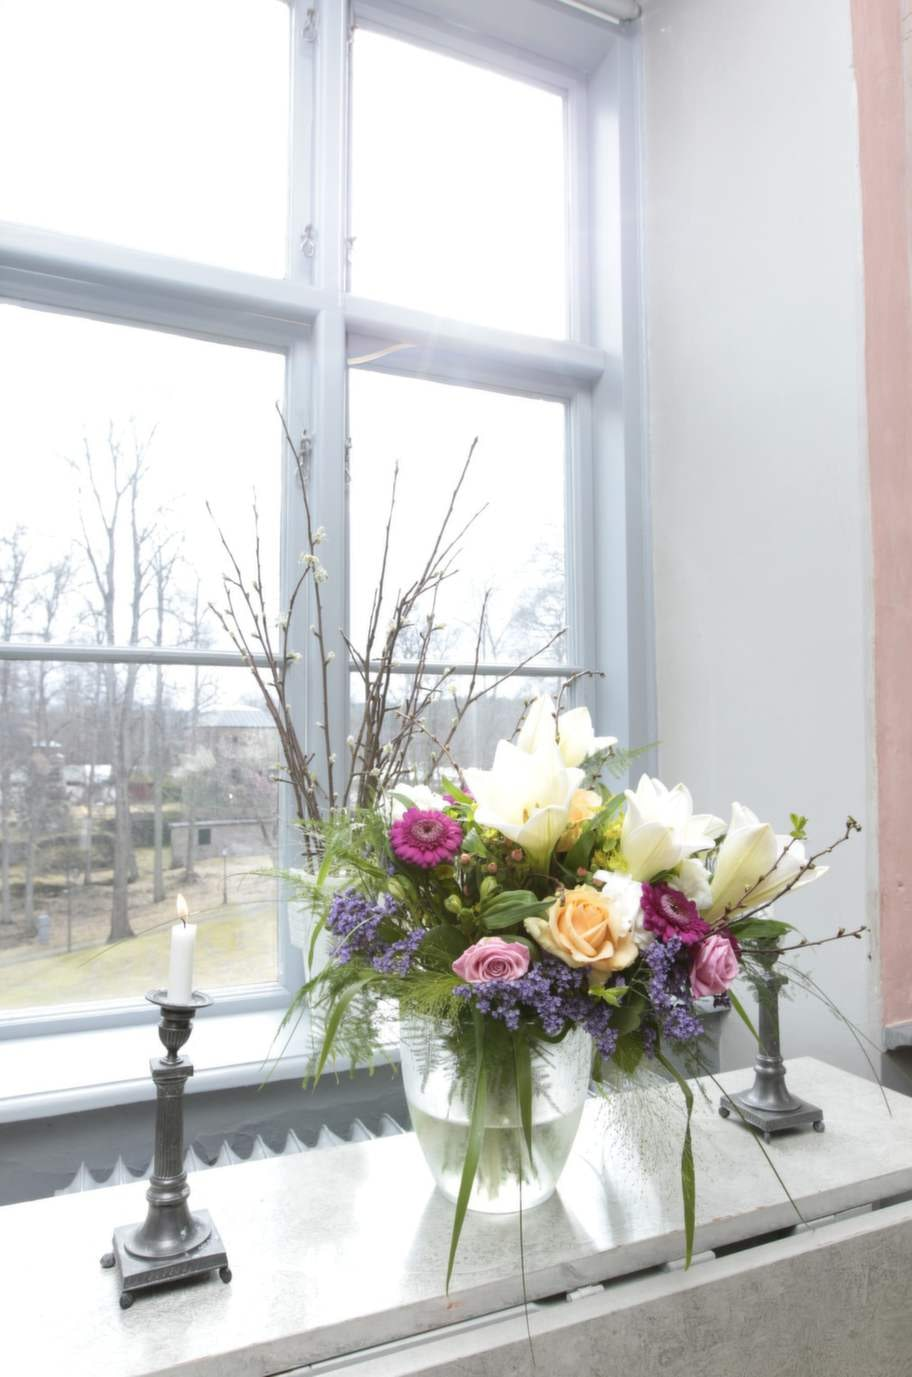 Romantiskt. Årstidens snittblommor och levande ljus är en självklar poesi i Carl Jans hem.